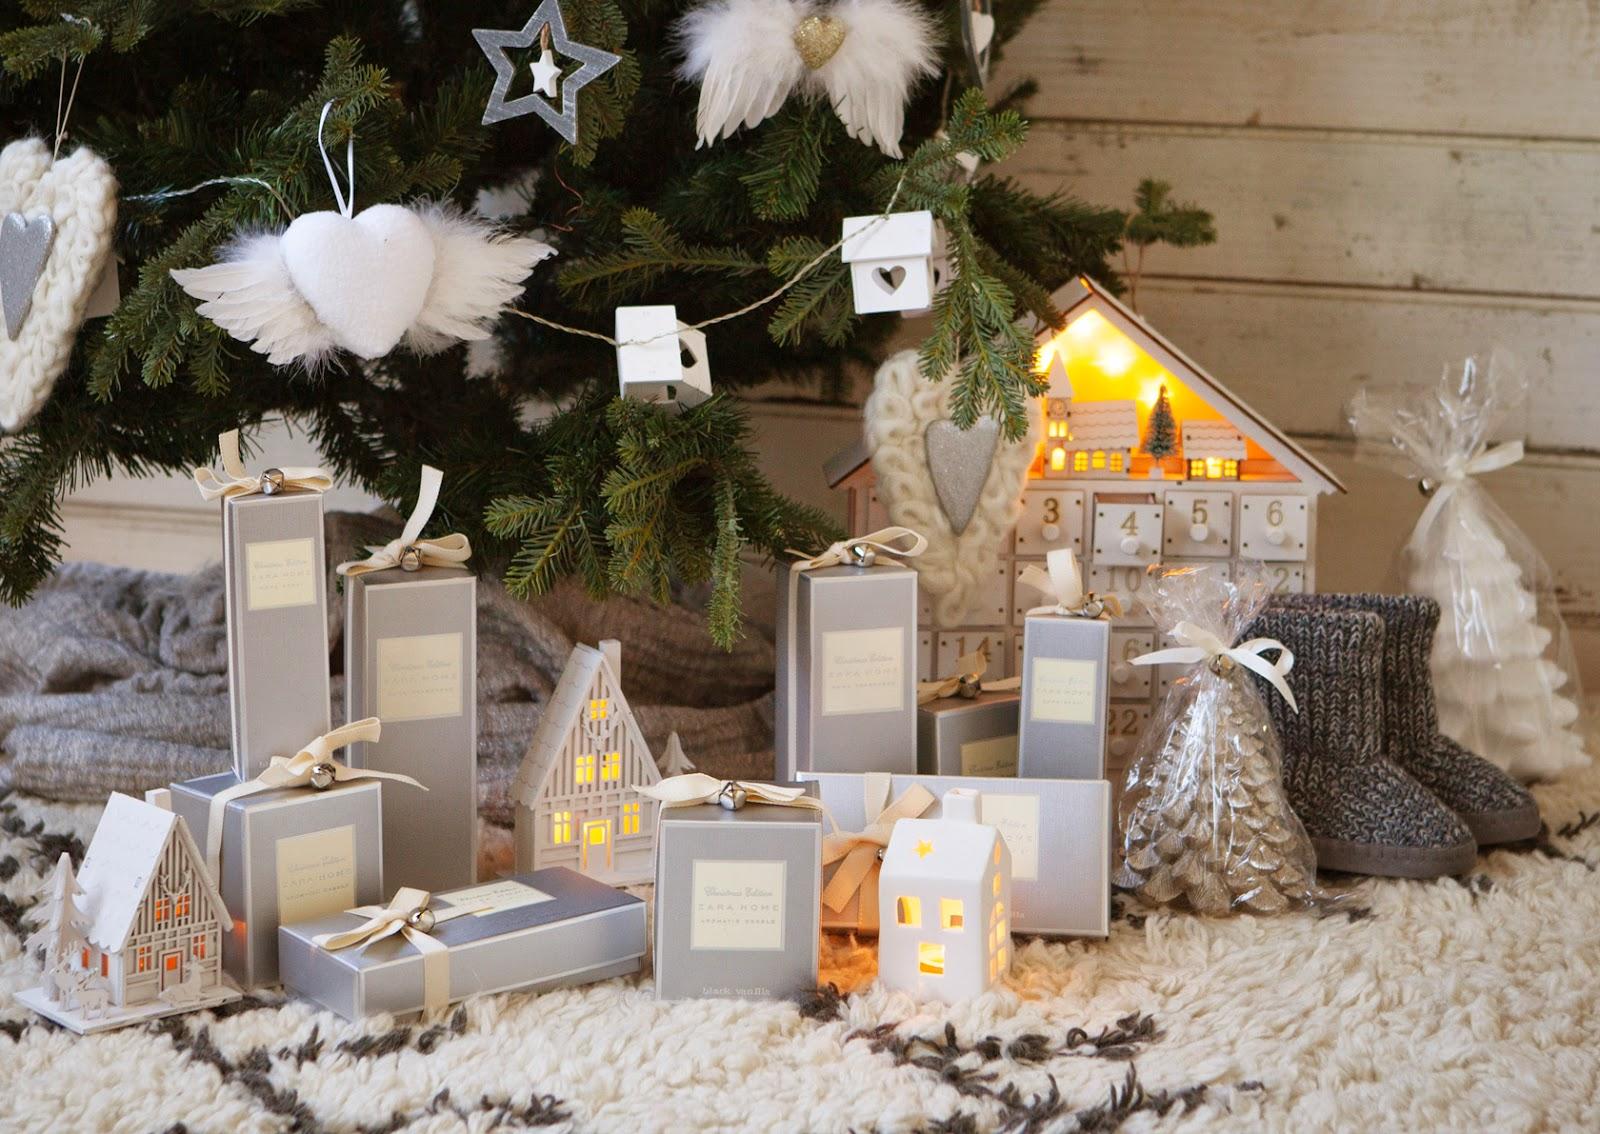 Decoraci n f cil decoracion de navidad 2014 2015 con - Adornos de navidad 2014 ...